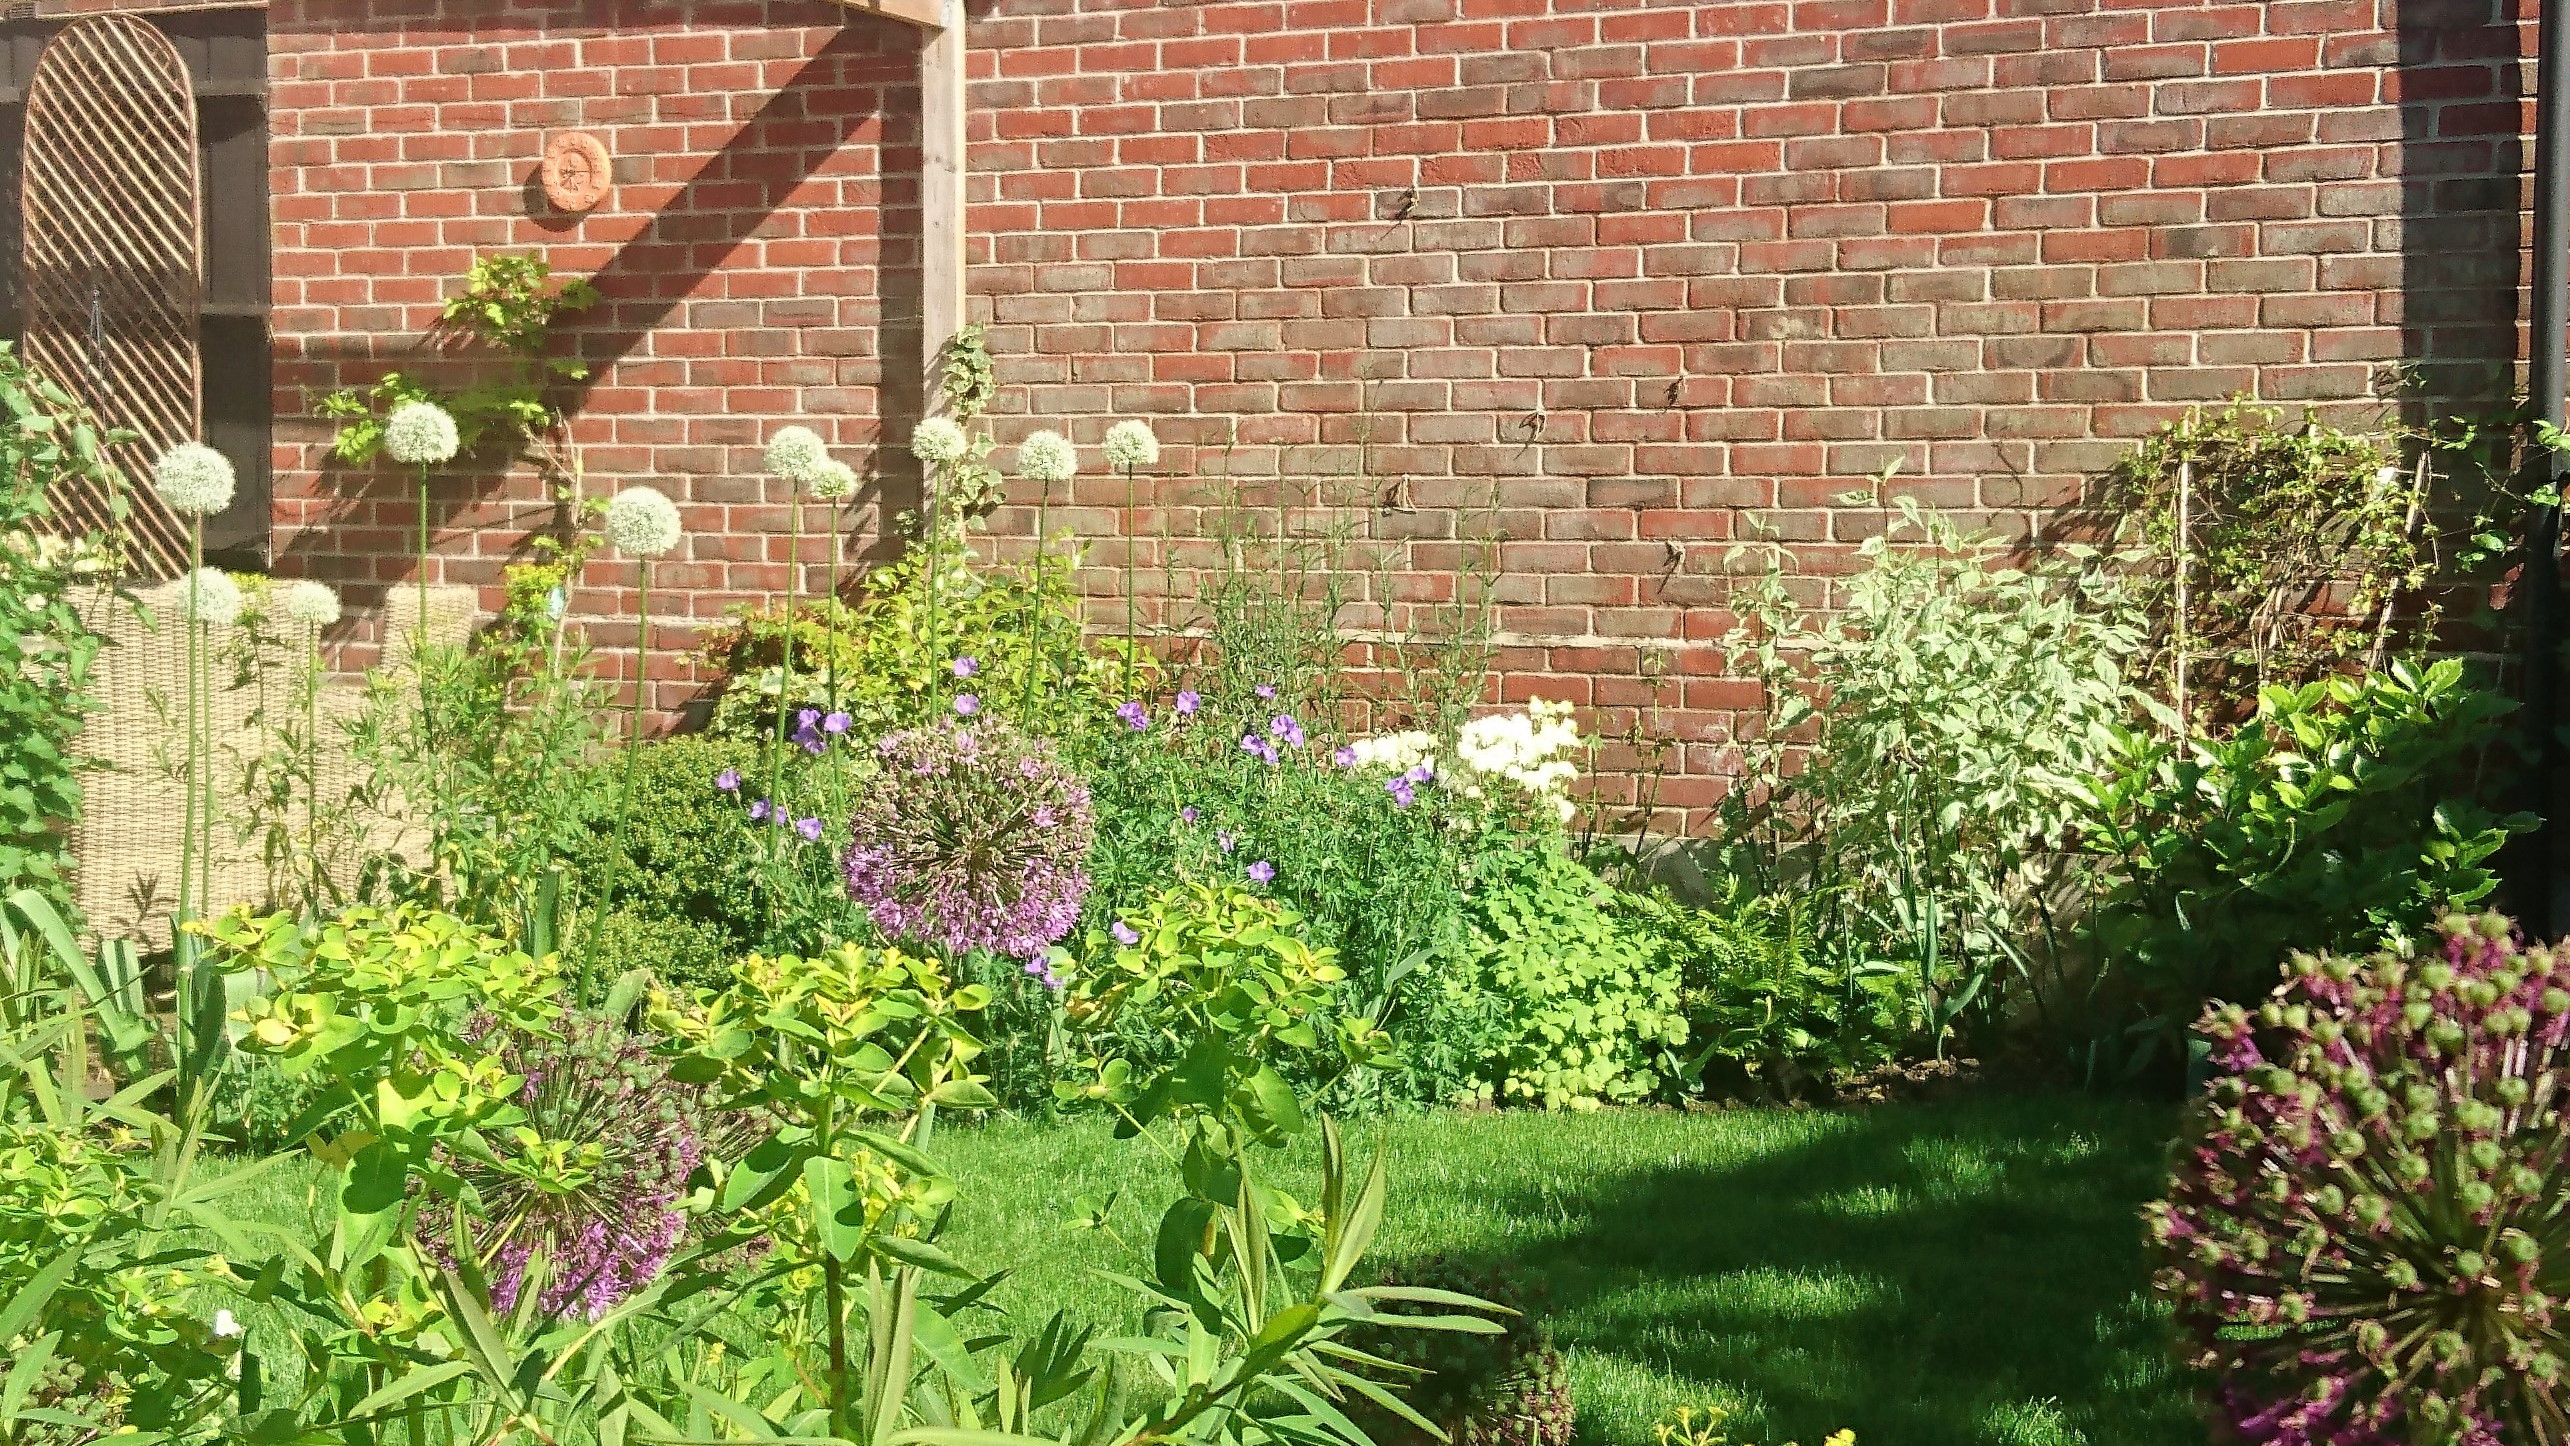 small town garden landscape 07.jpg